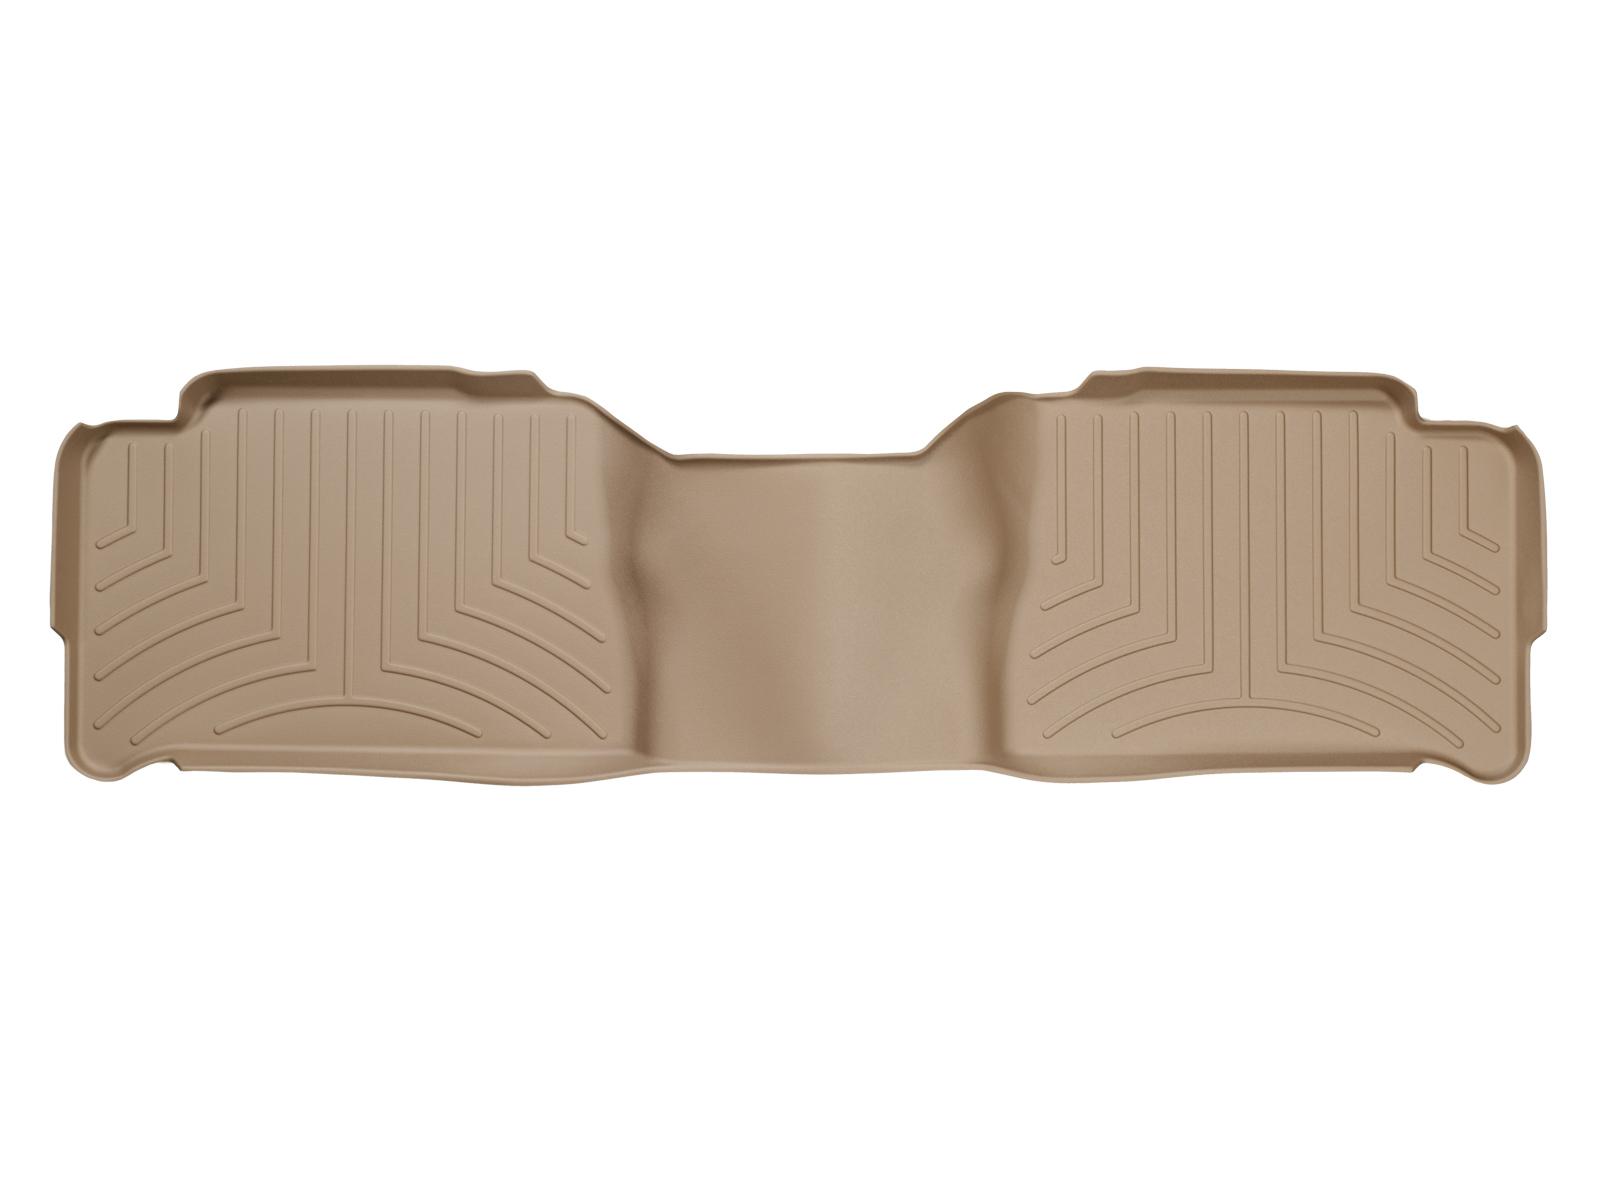 Tappeti gomma su misura bordo alto Cadillac Escalade 02>06 Marrone A9*